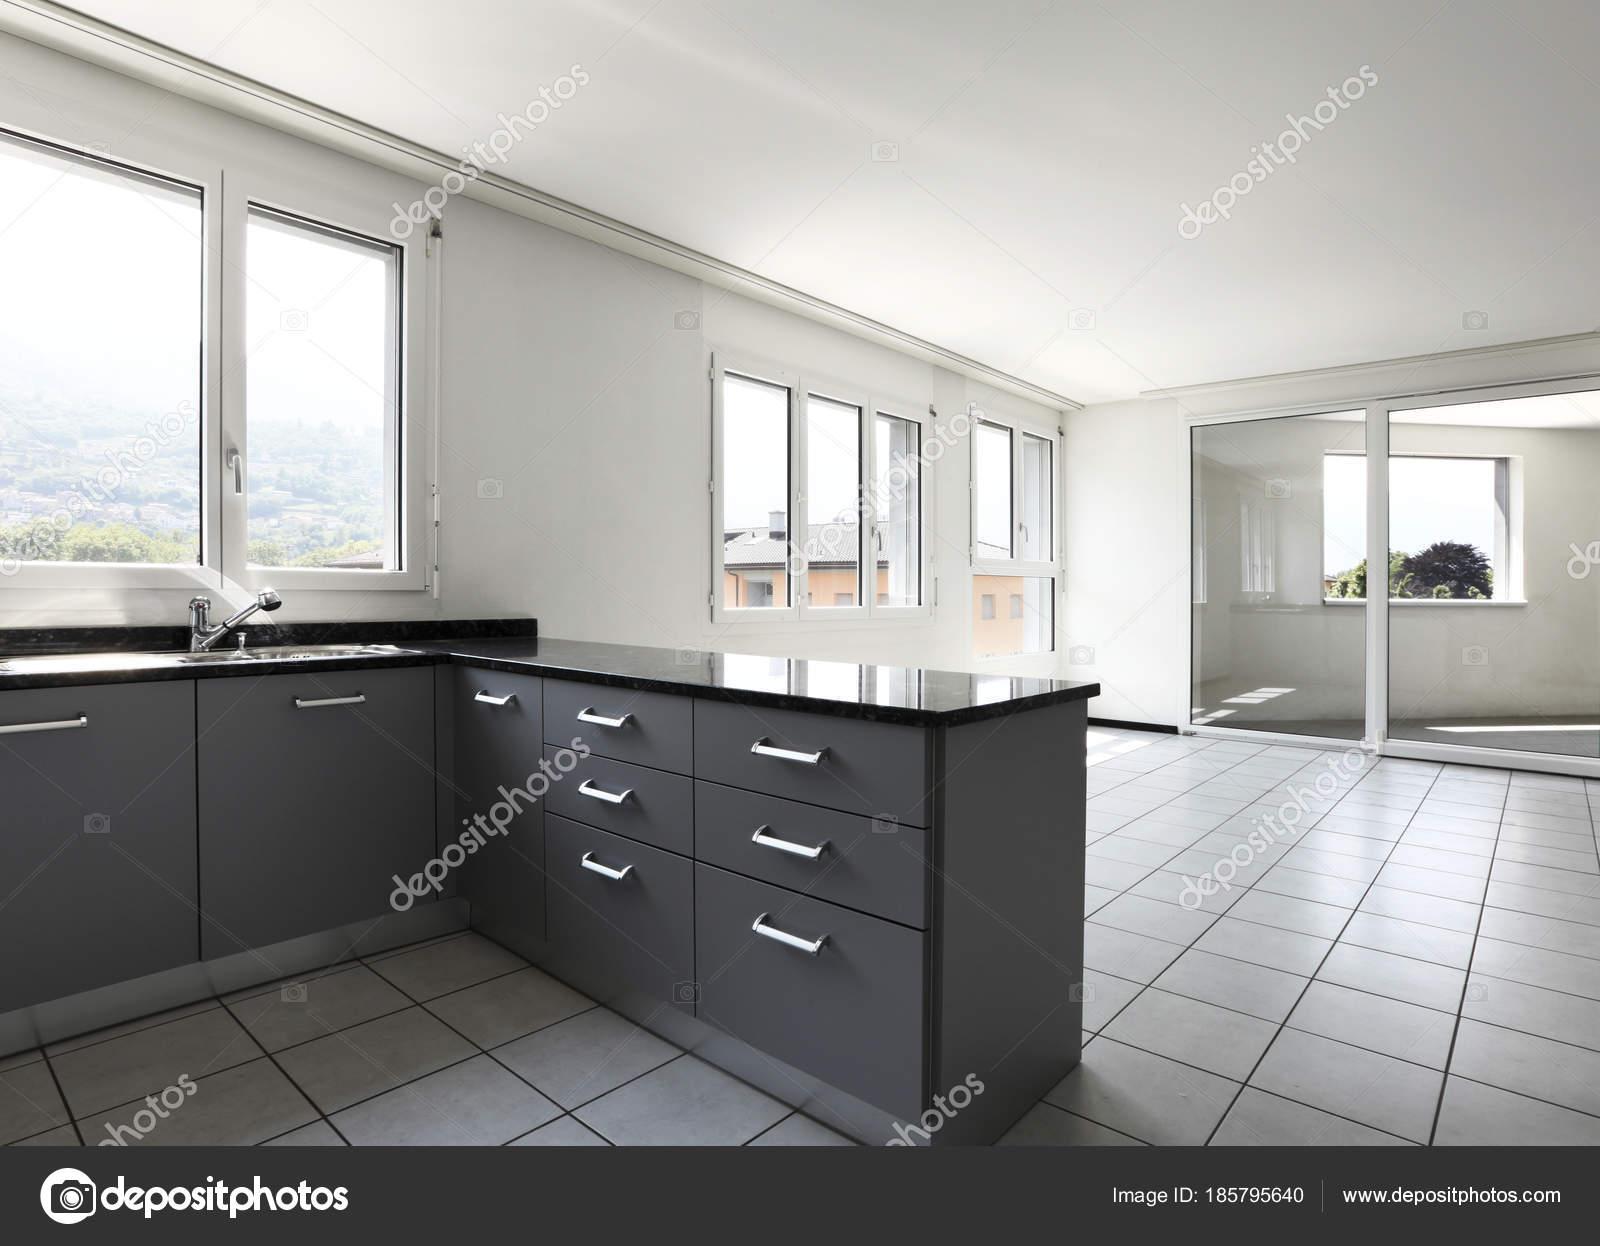 Modern Keuken Schiereiland : Moderne woning met keuken schiereiland u2014 stockfoto © zveiger #185795640